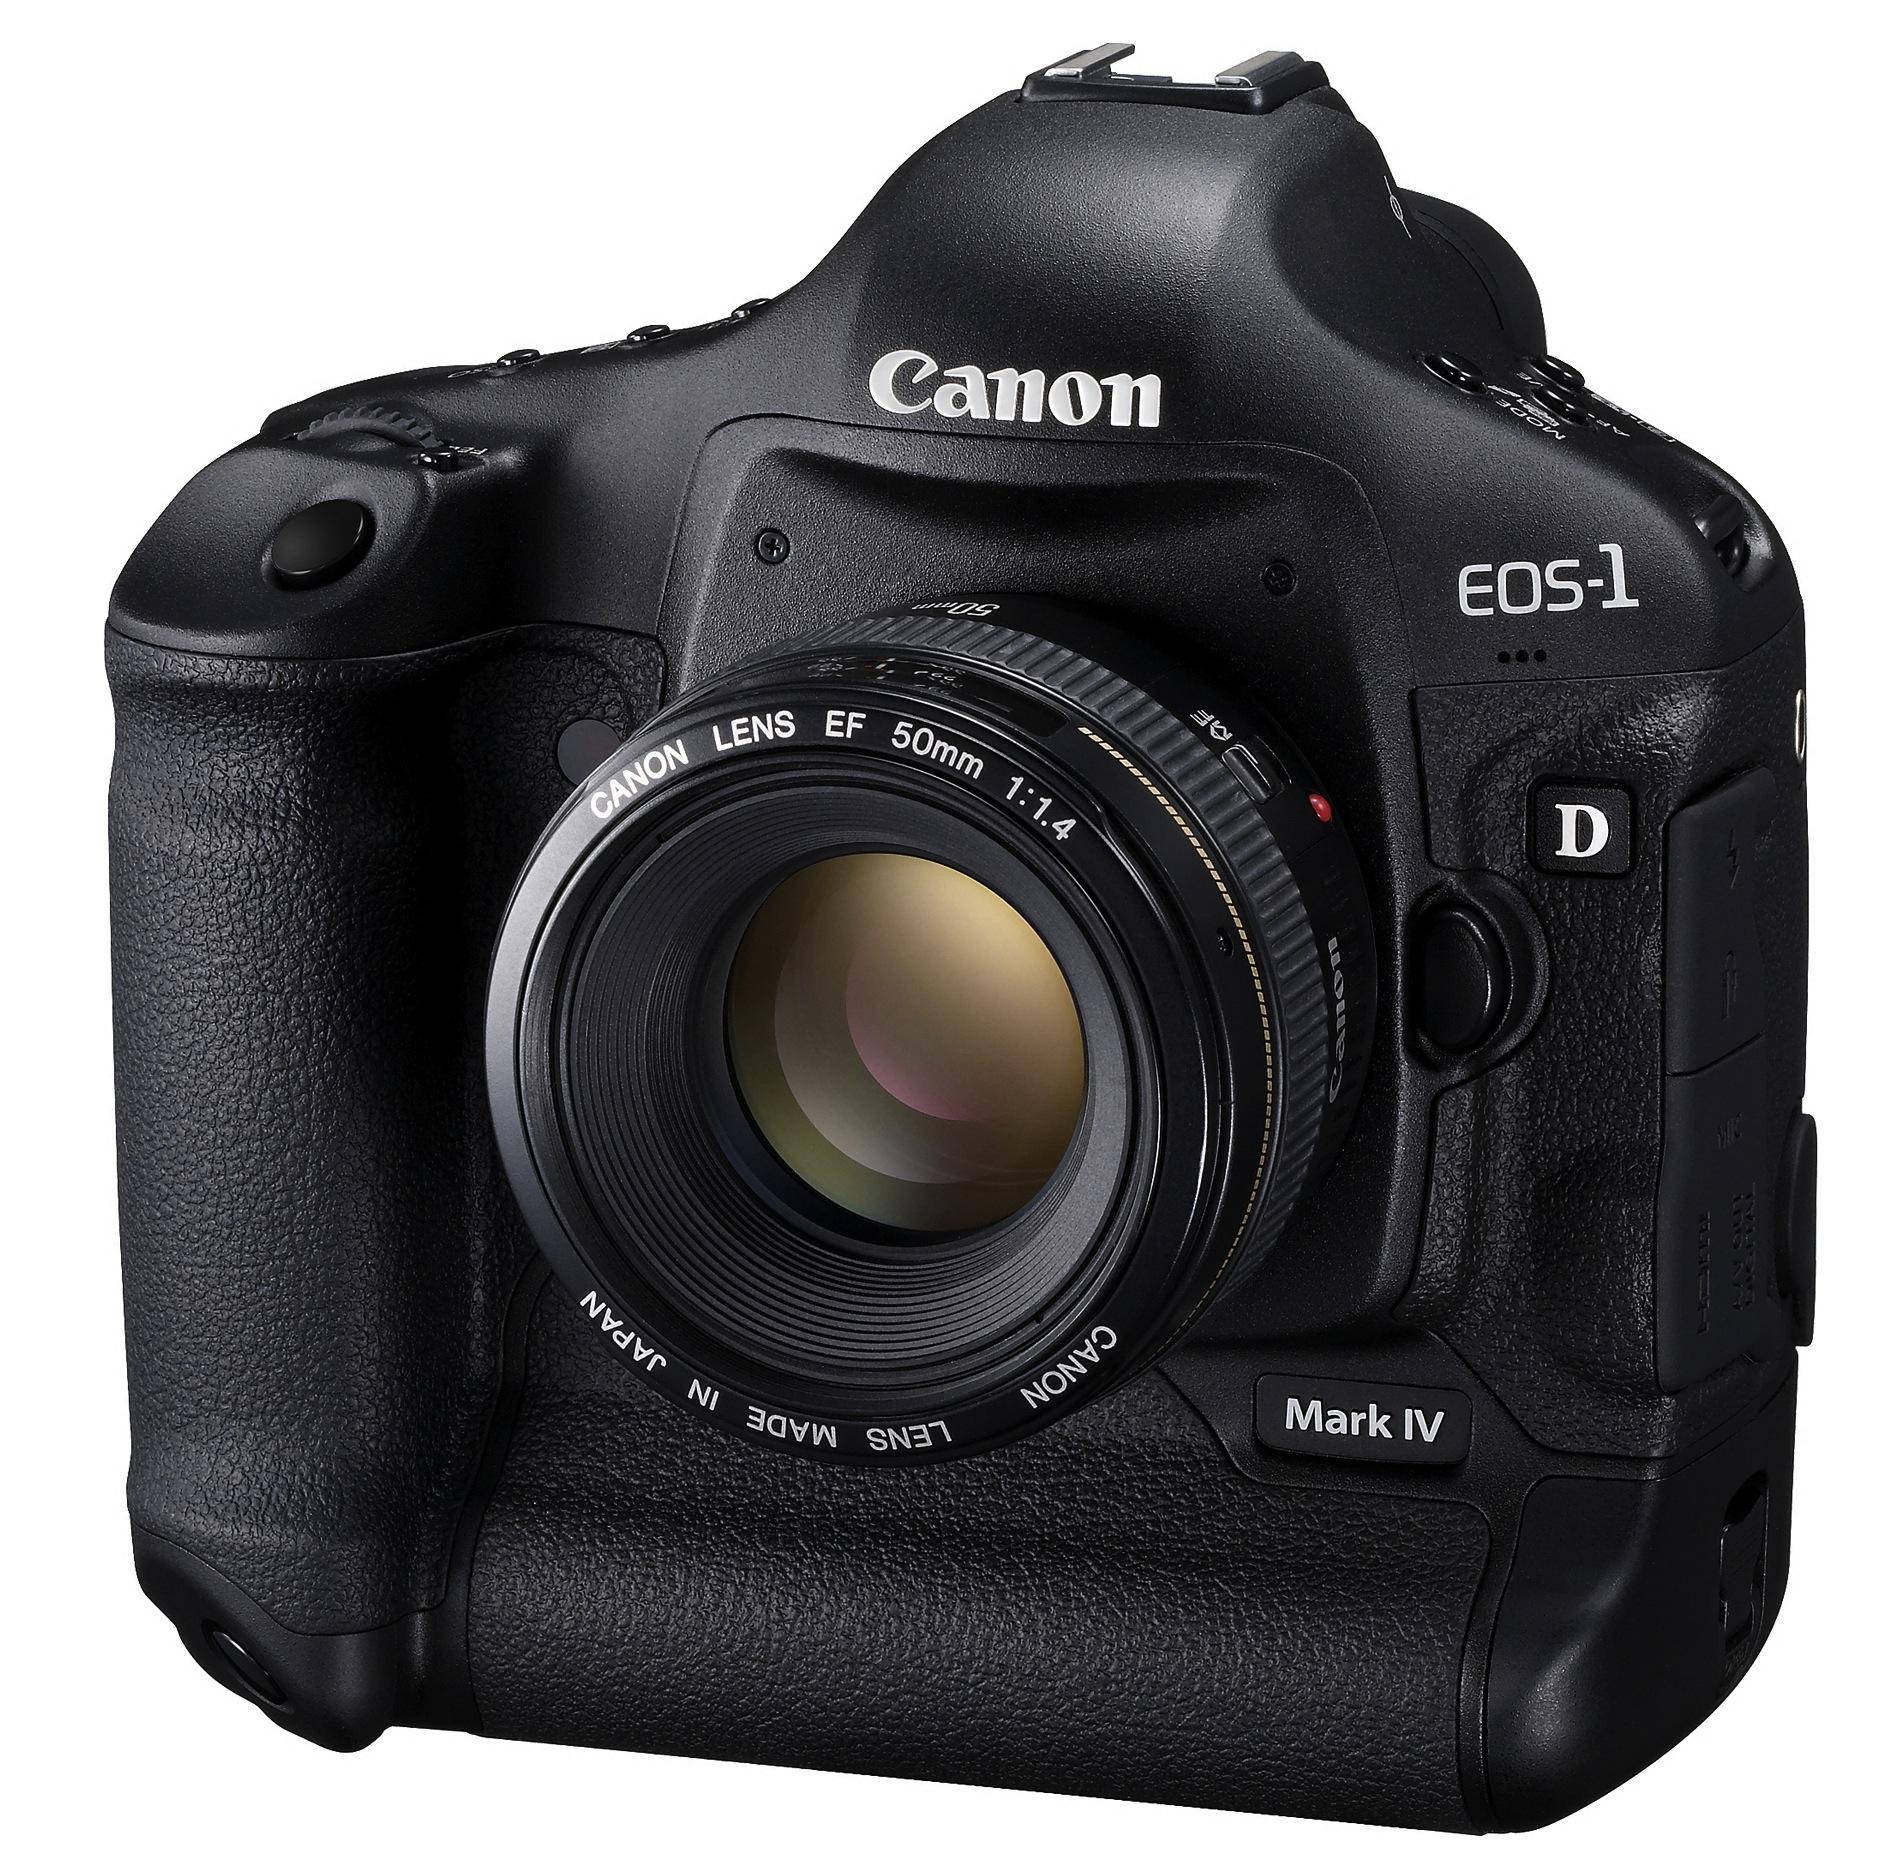 Canon EOS-1D Mark IV DSLR totes 16MP, 1080p video & crazy ISO range